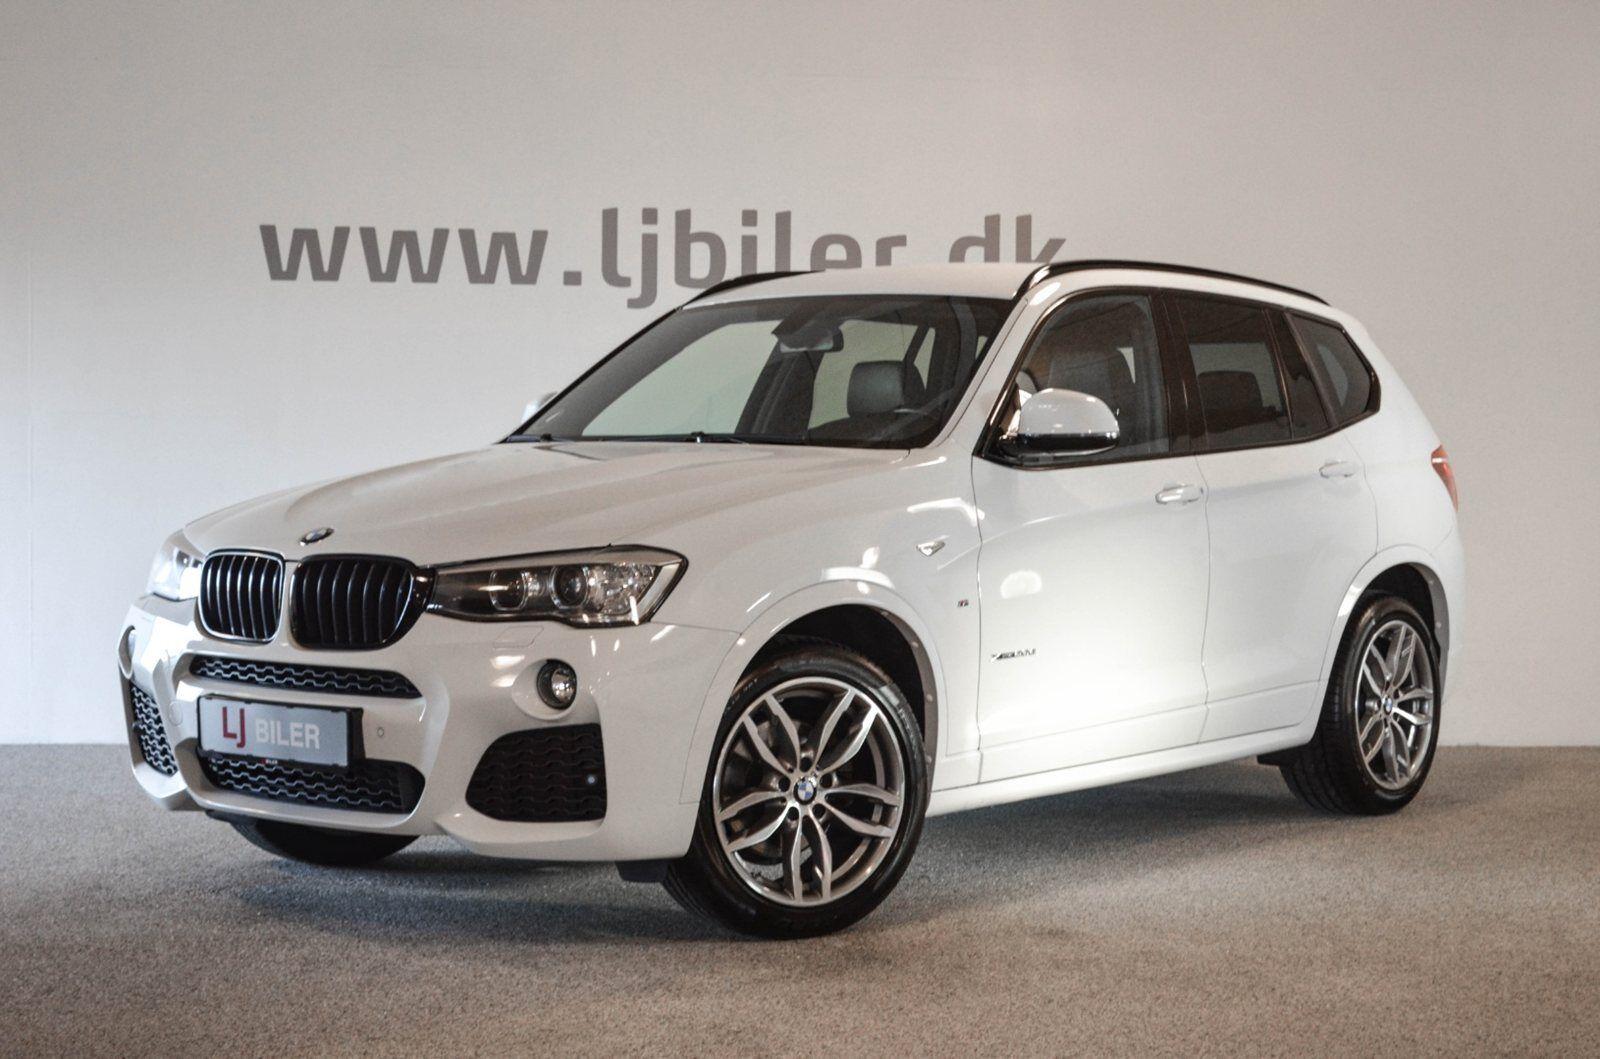 BMW X3 2,0 xDrive20d aut. 5d - 499.800 kr.